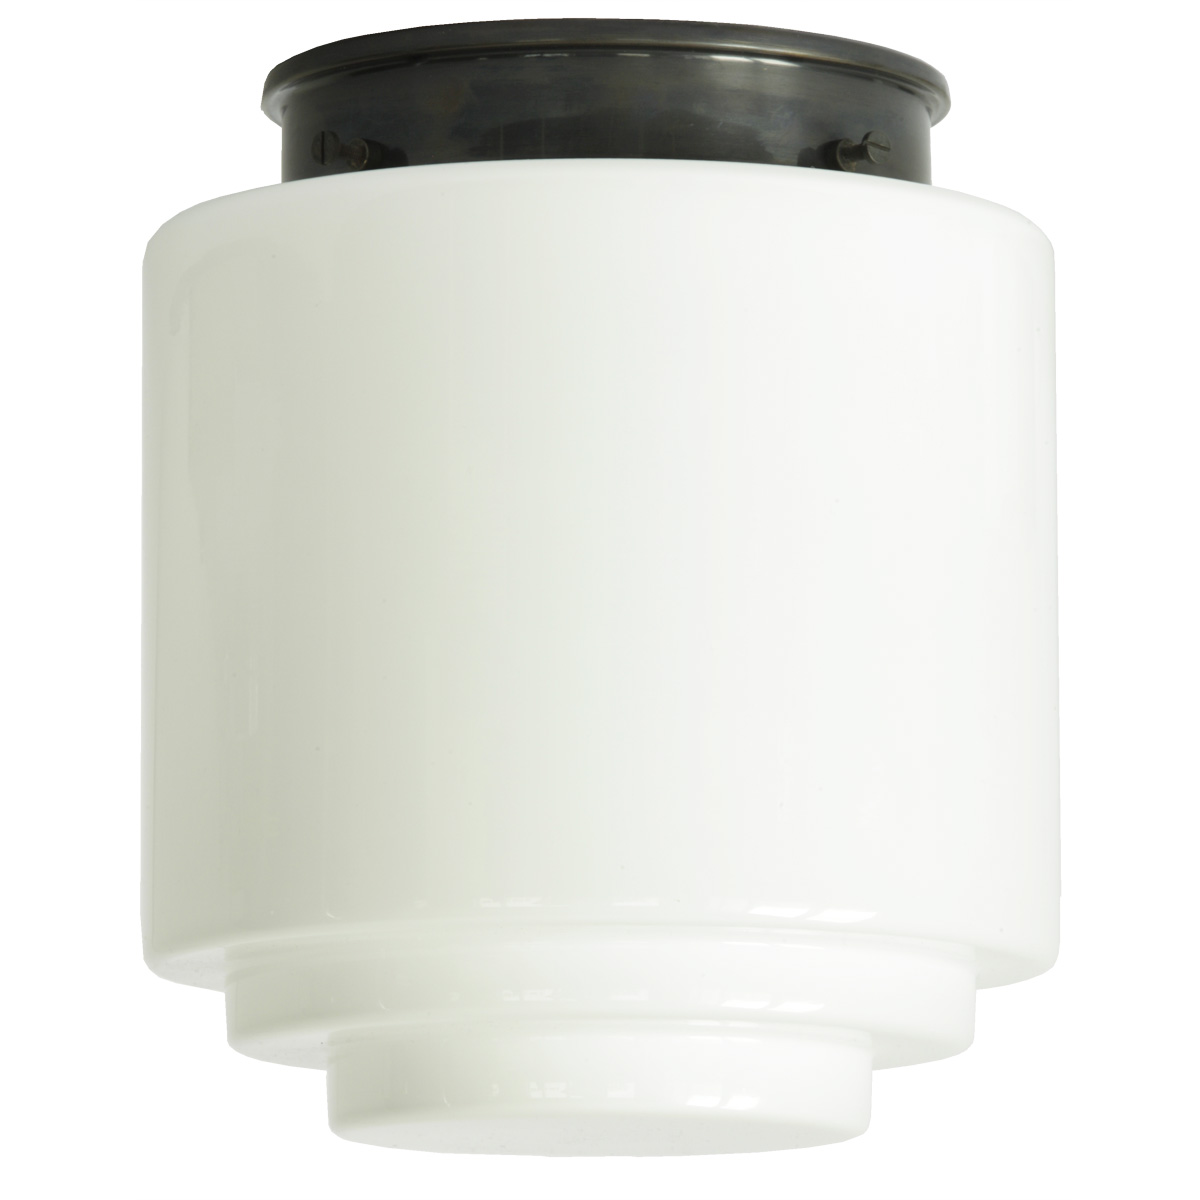 art d co deckenleuchten otto m llers sistrah und stufen opalglasleuchten lumi leuchten. Black Bedroom Furniture Sets. Home Design Ideas